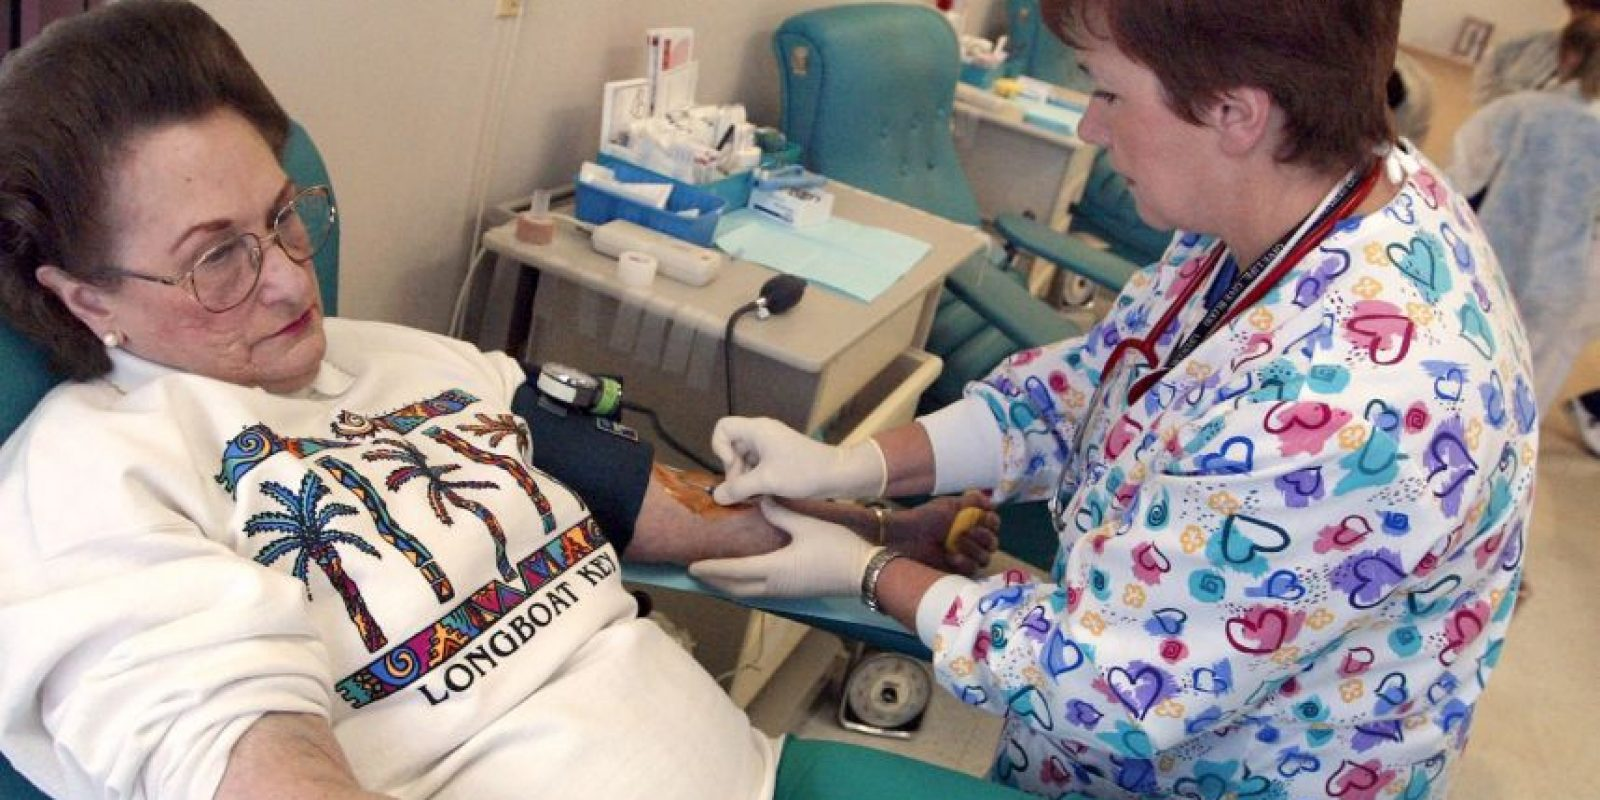 Solo se puede asegurar un suministro suficiente de sangre no contaminada mediante la donación regular por voluntarios no remunerados Foto:Getty Images